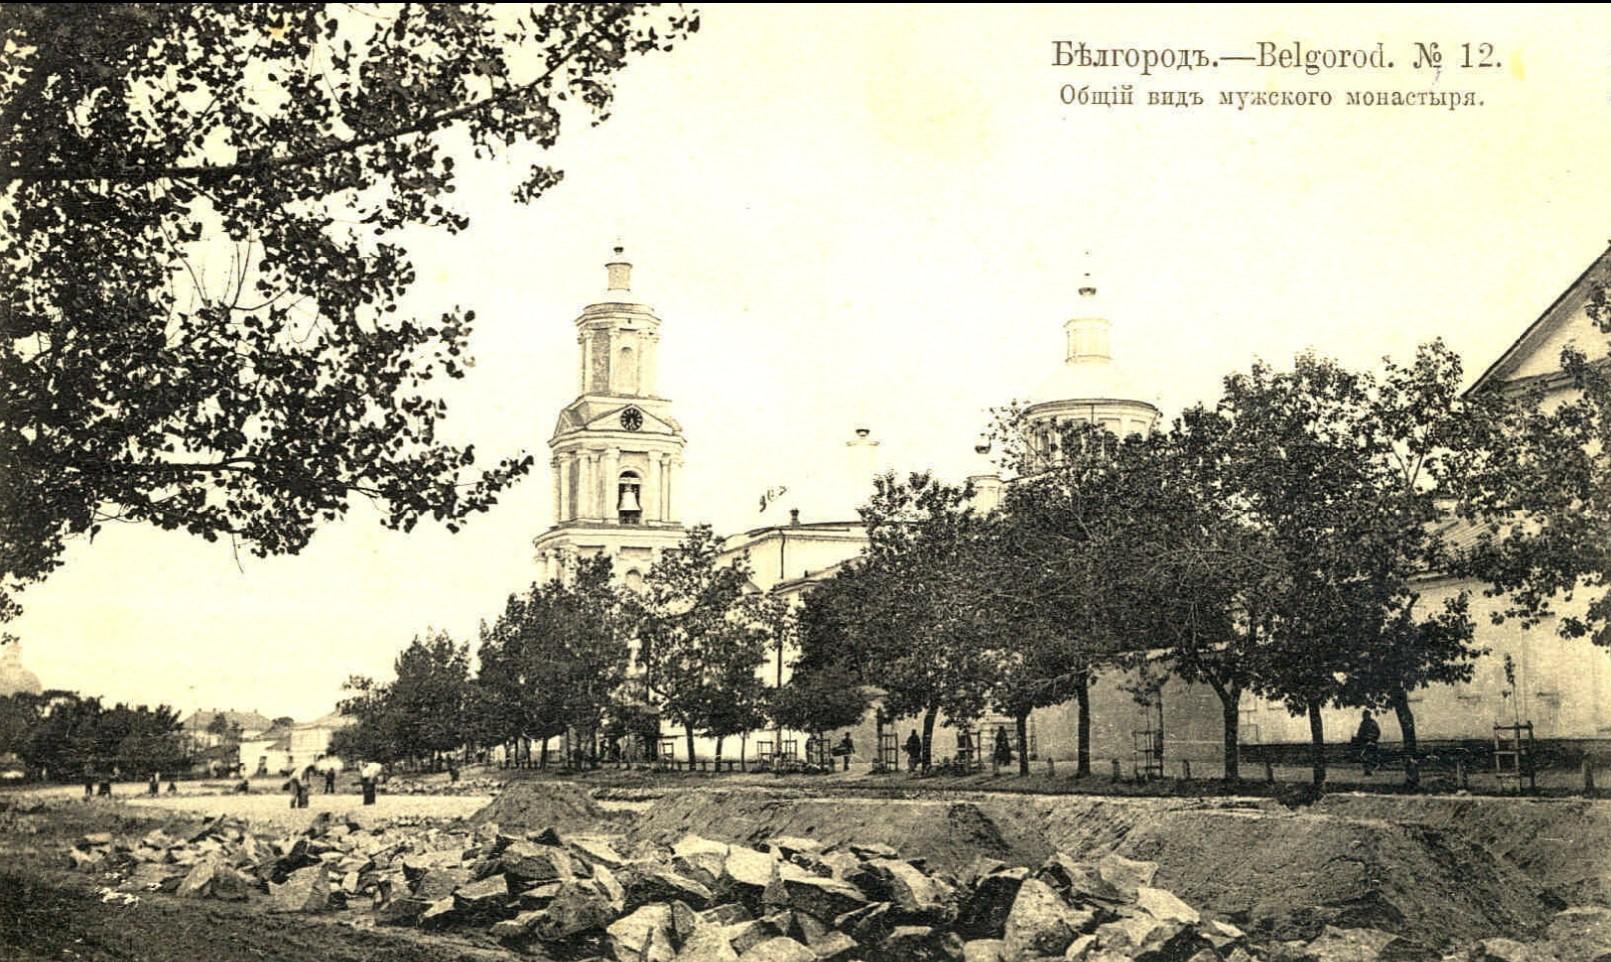 Свято-Троицкий мужской монастырь. Общий вид